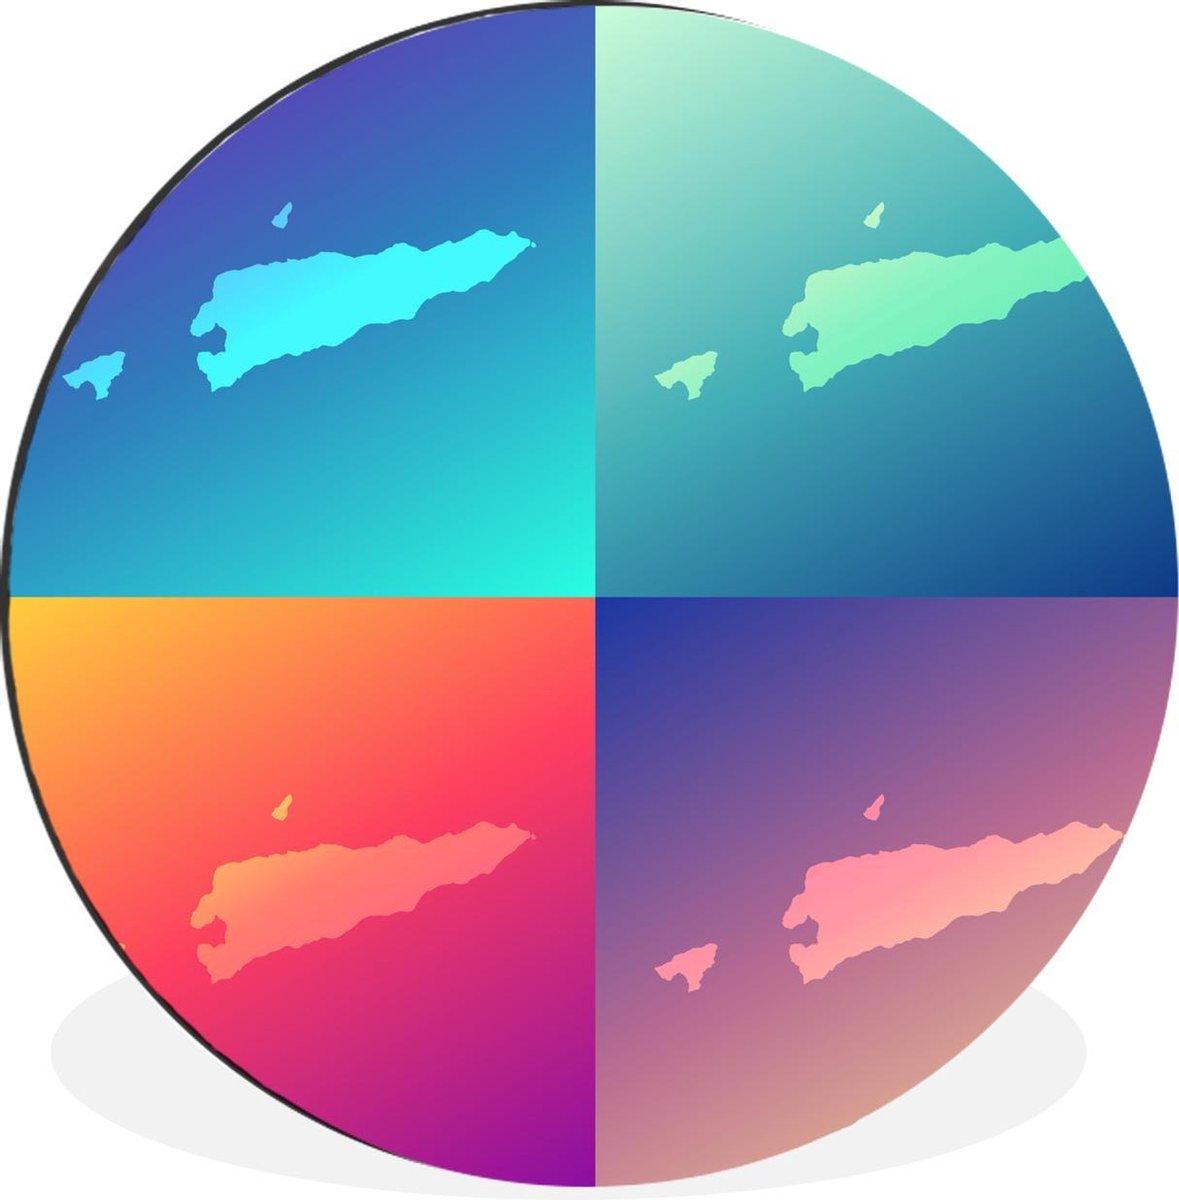 Wandcirkel Oost-Timor illustratie aluminium -illustratie van vier kleurrijke kaarten van Oost-Timor -   30 cm - rond schilderij - fotoprint op aluminium / dibond / muurcirkel / wooncirkel / tuincirkel (wanddecoratie)